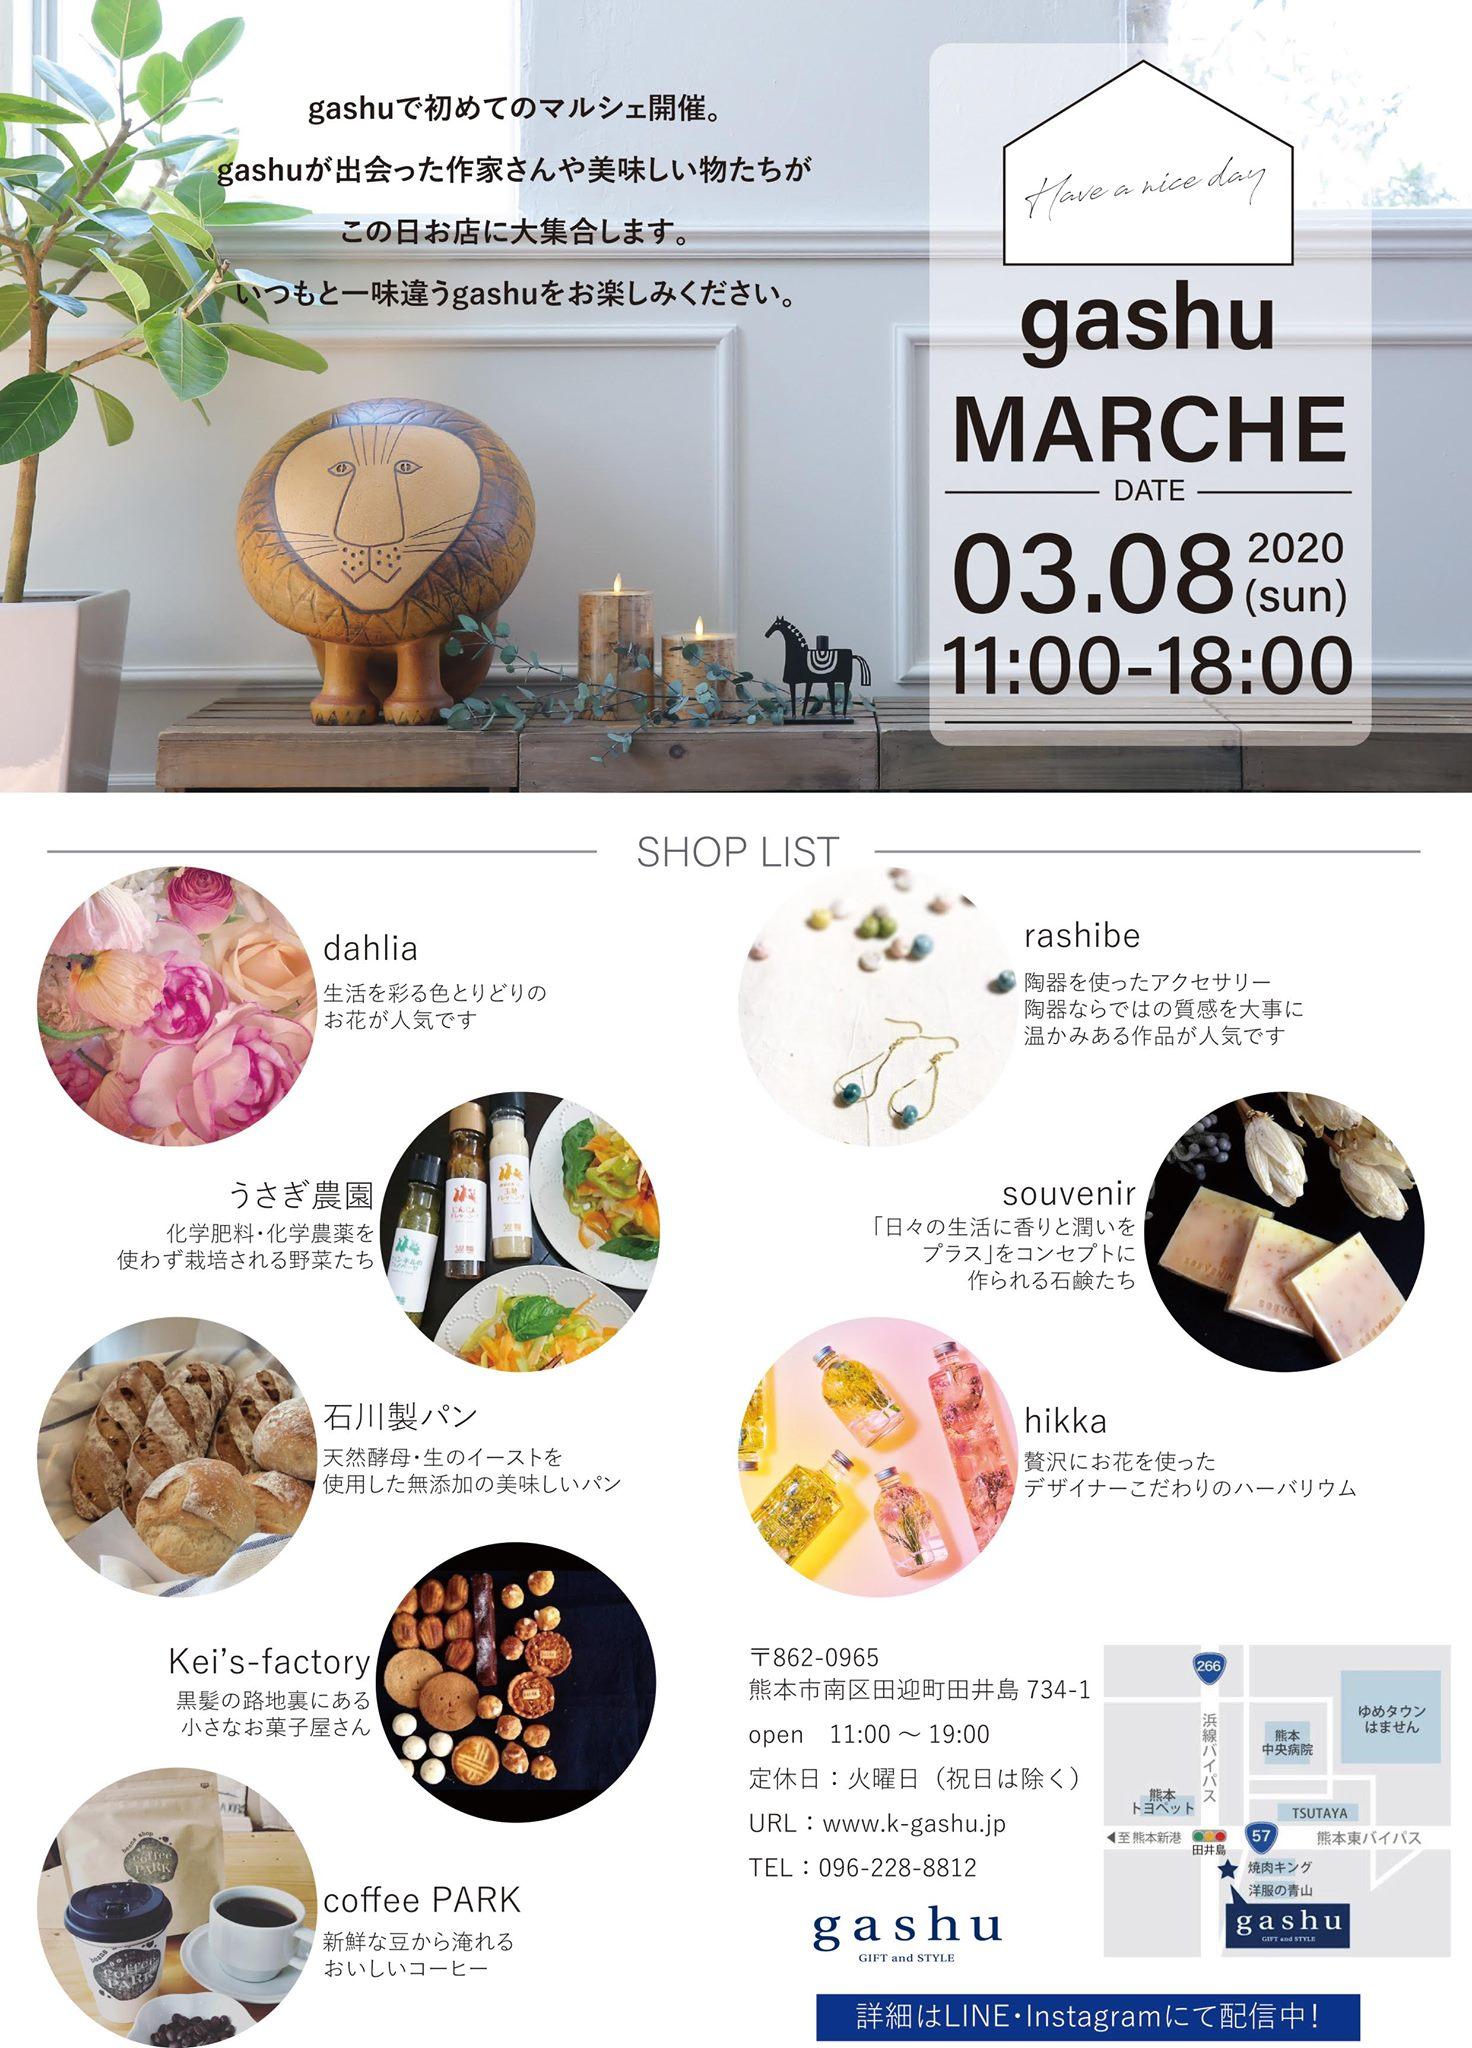 gashu marche(中止のお知らせ)チラシ1